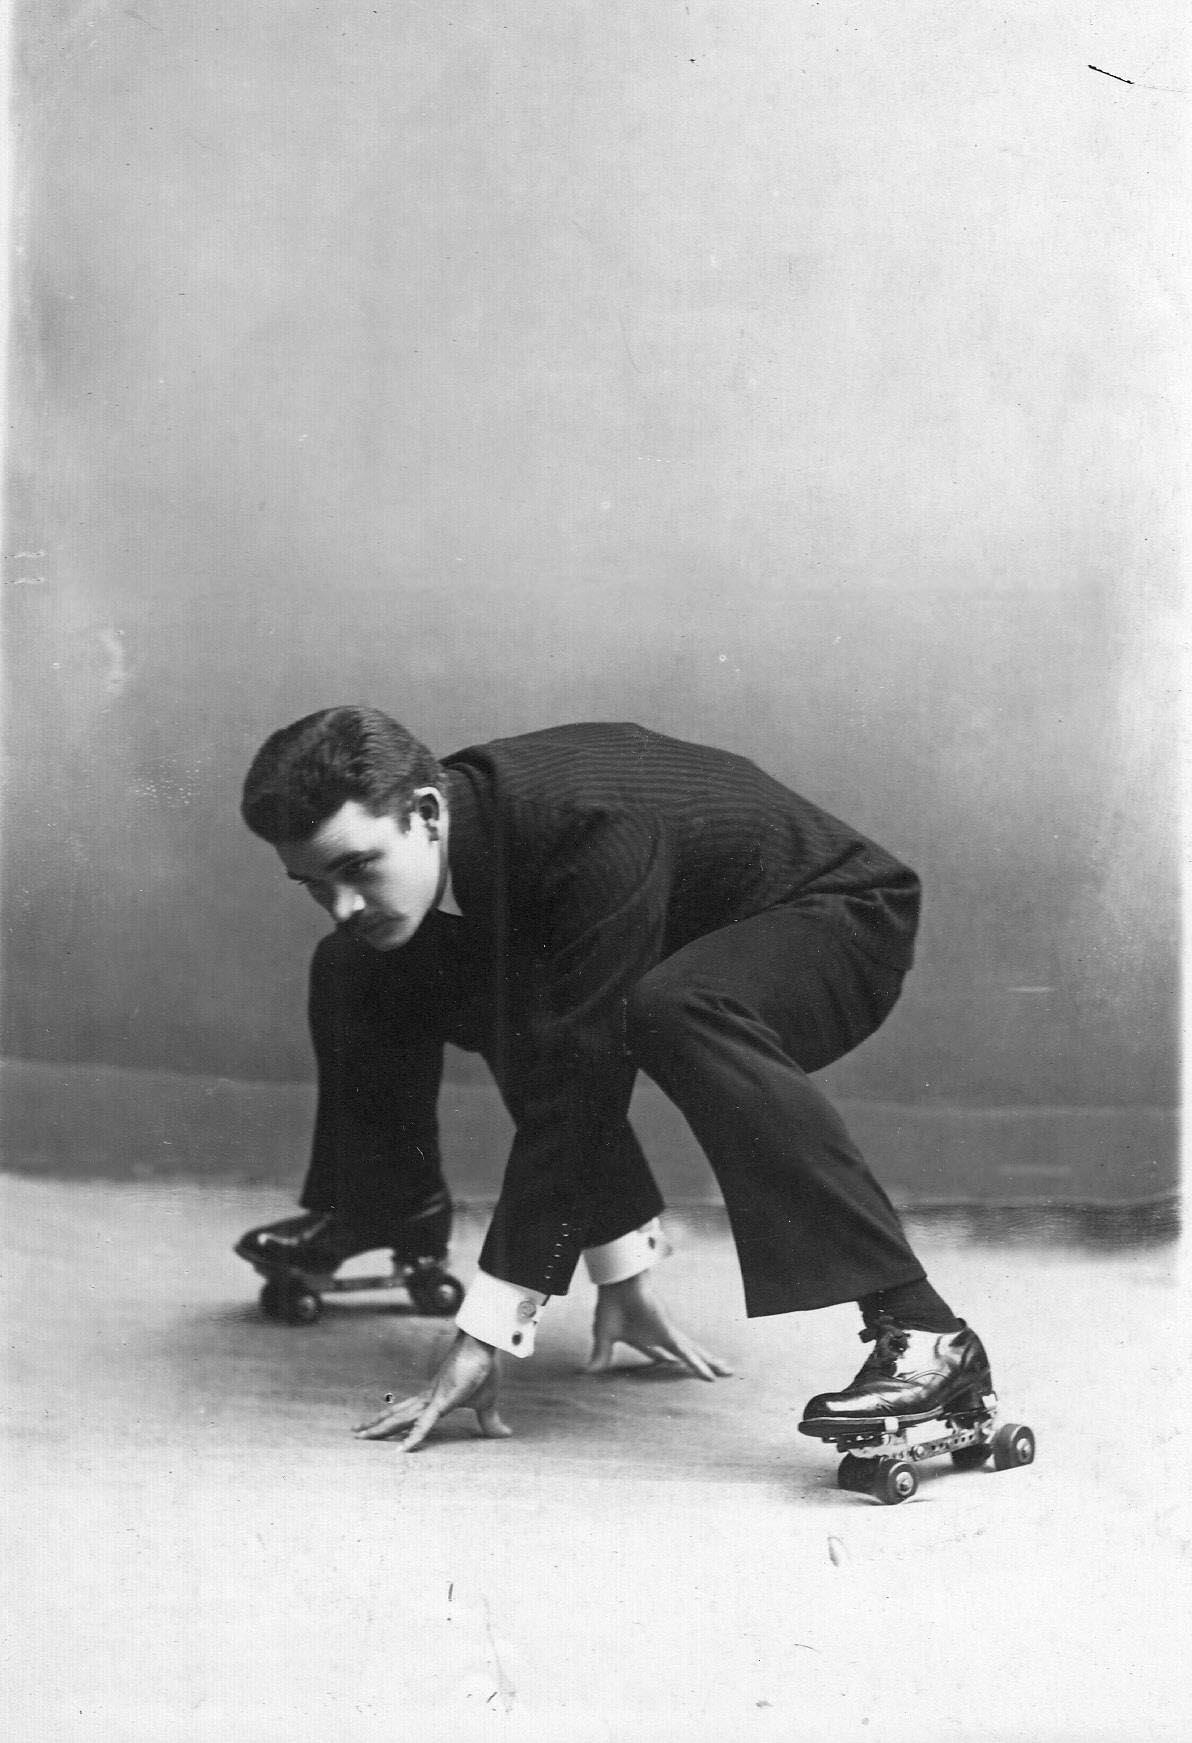 Спортсмен на роликовых коньках. 1911